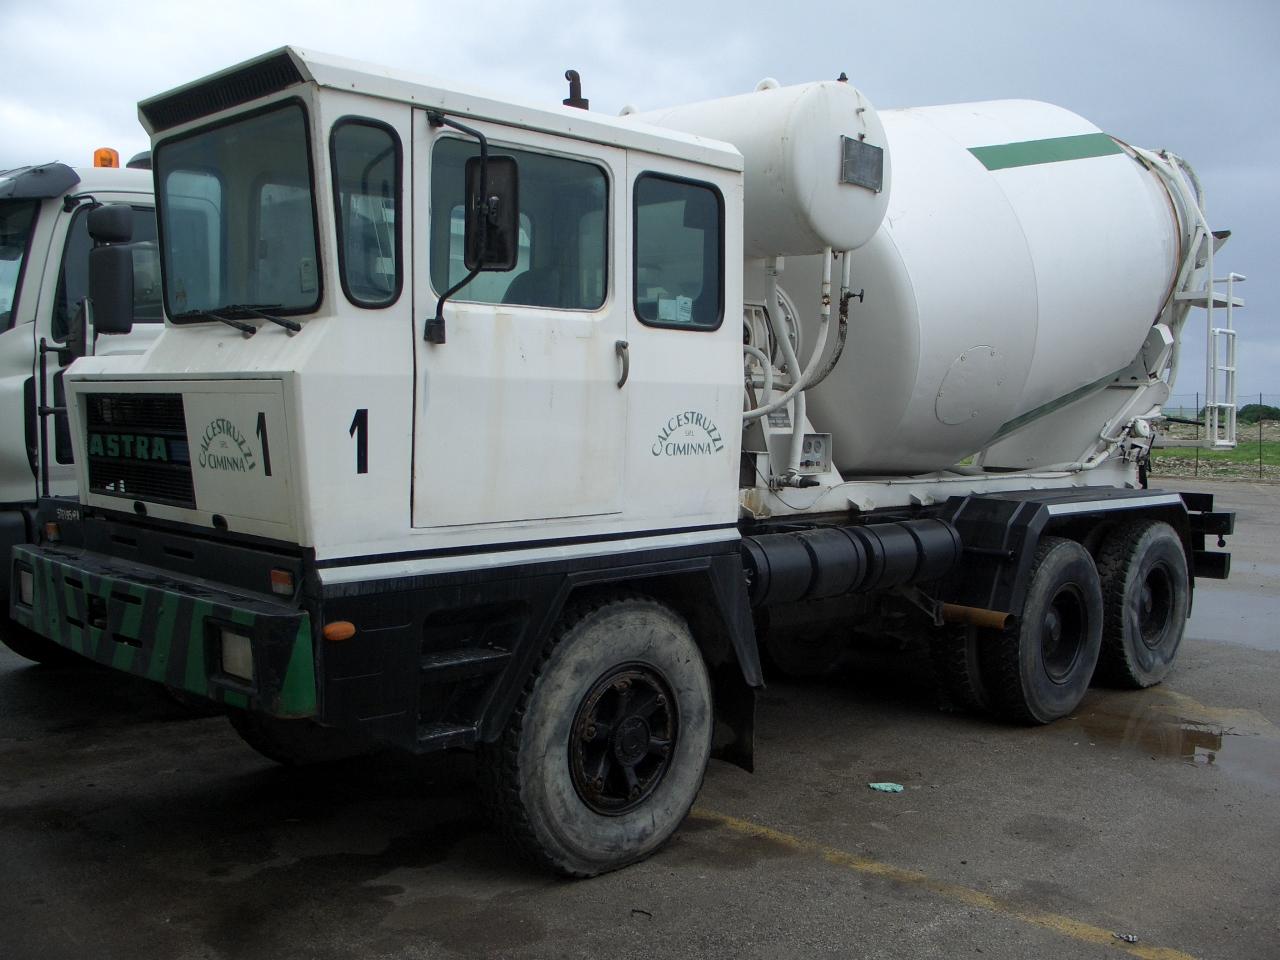 allestimento betoniere su camion Bm21e_fe_480